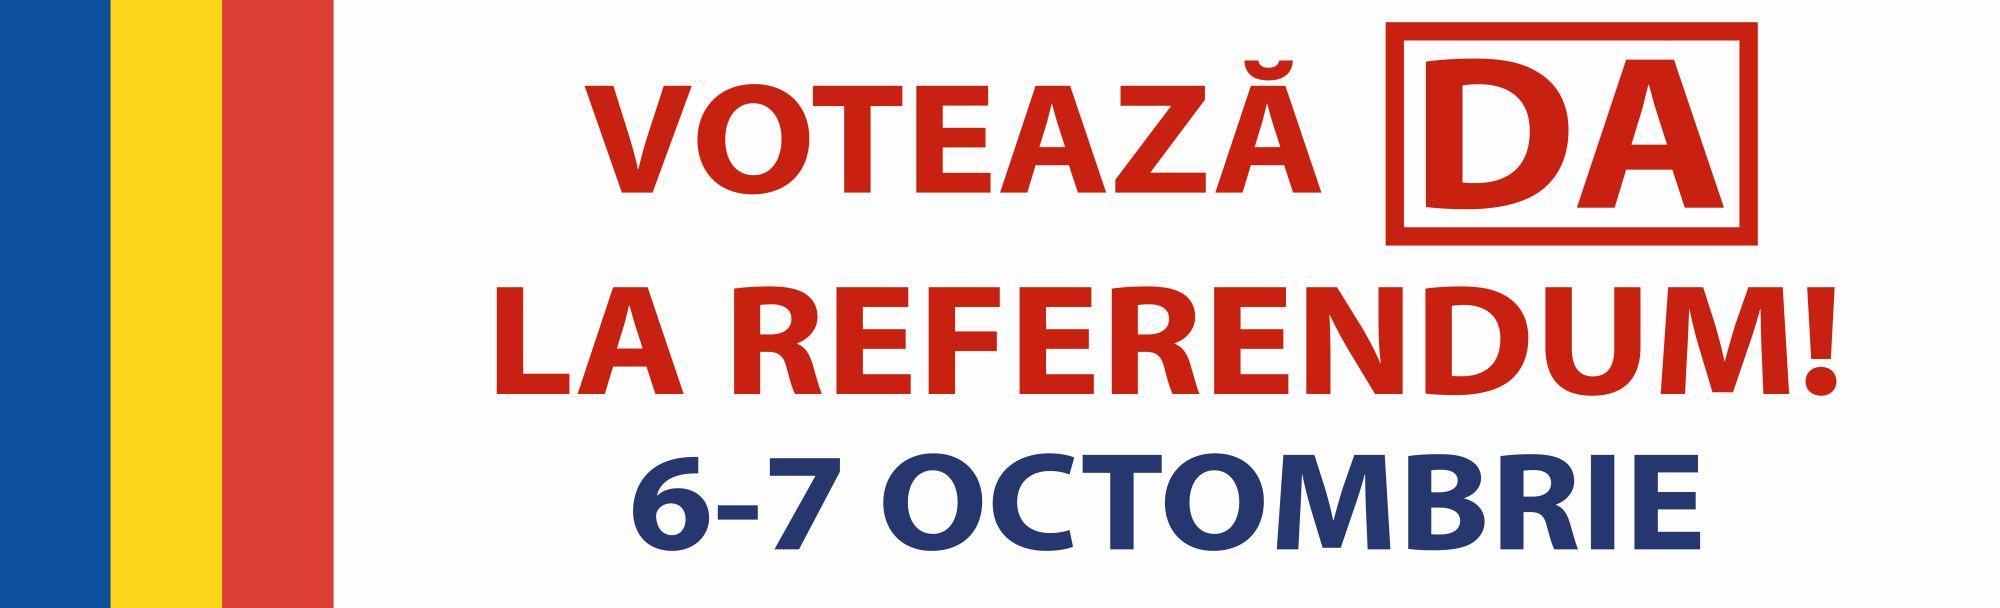 Image result for voteaza da la referendum familie